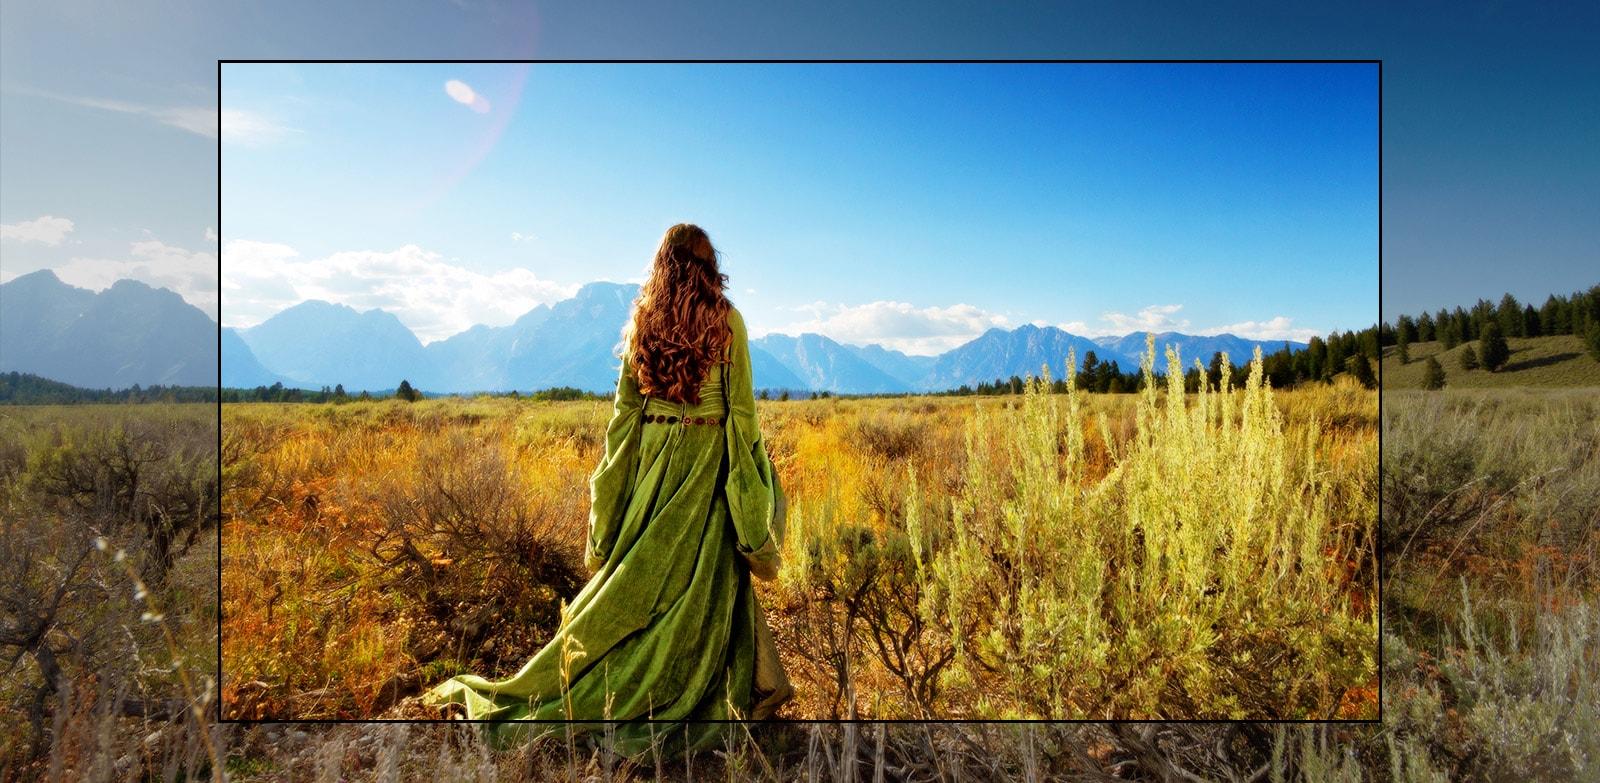 Un écran du téléviseur montrant une scène d'un film fantastique présentant une femme debout dans les champs face aux montagnes.